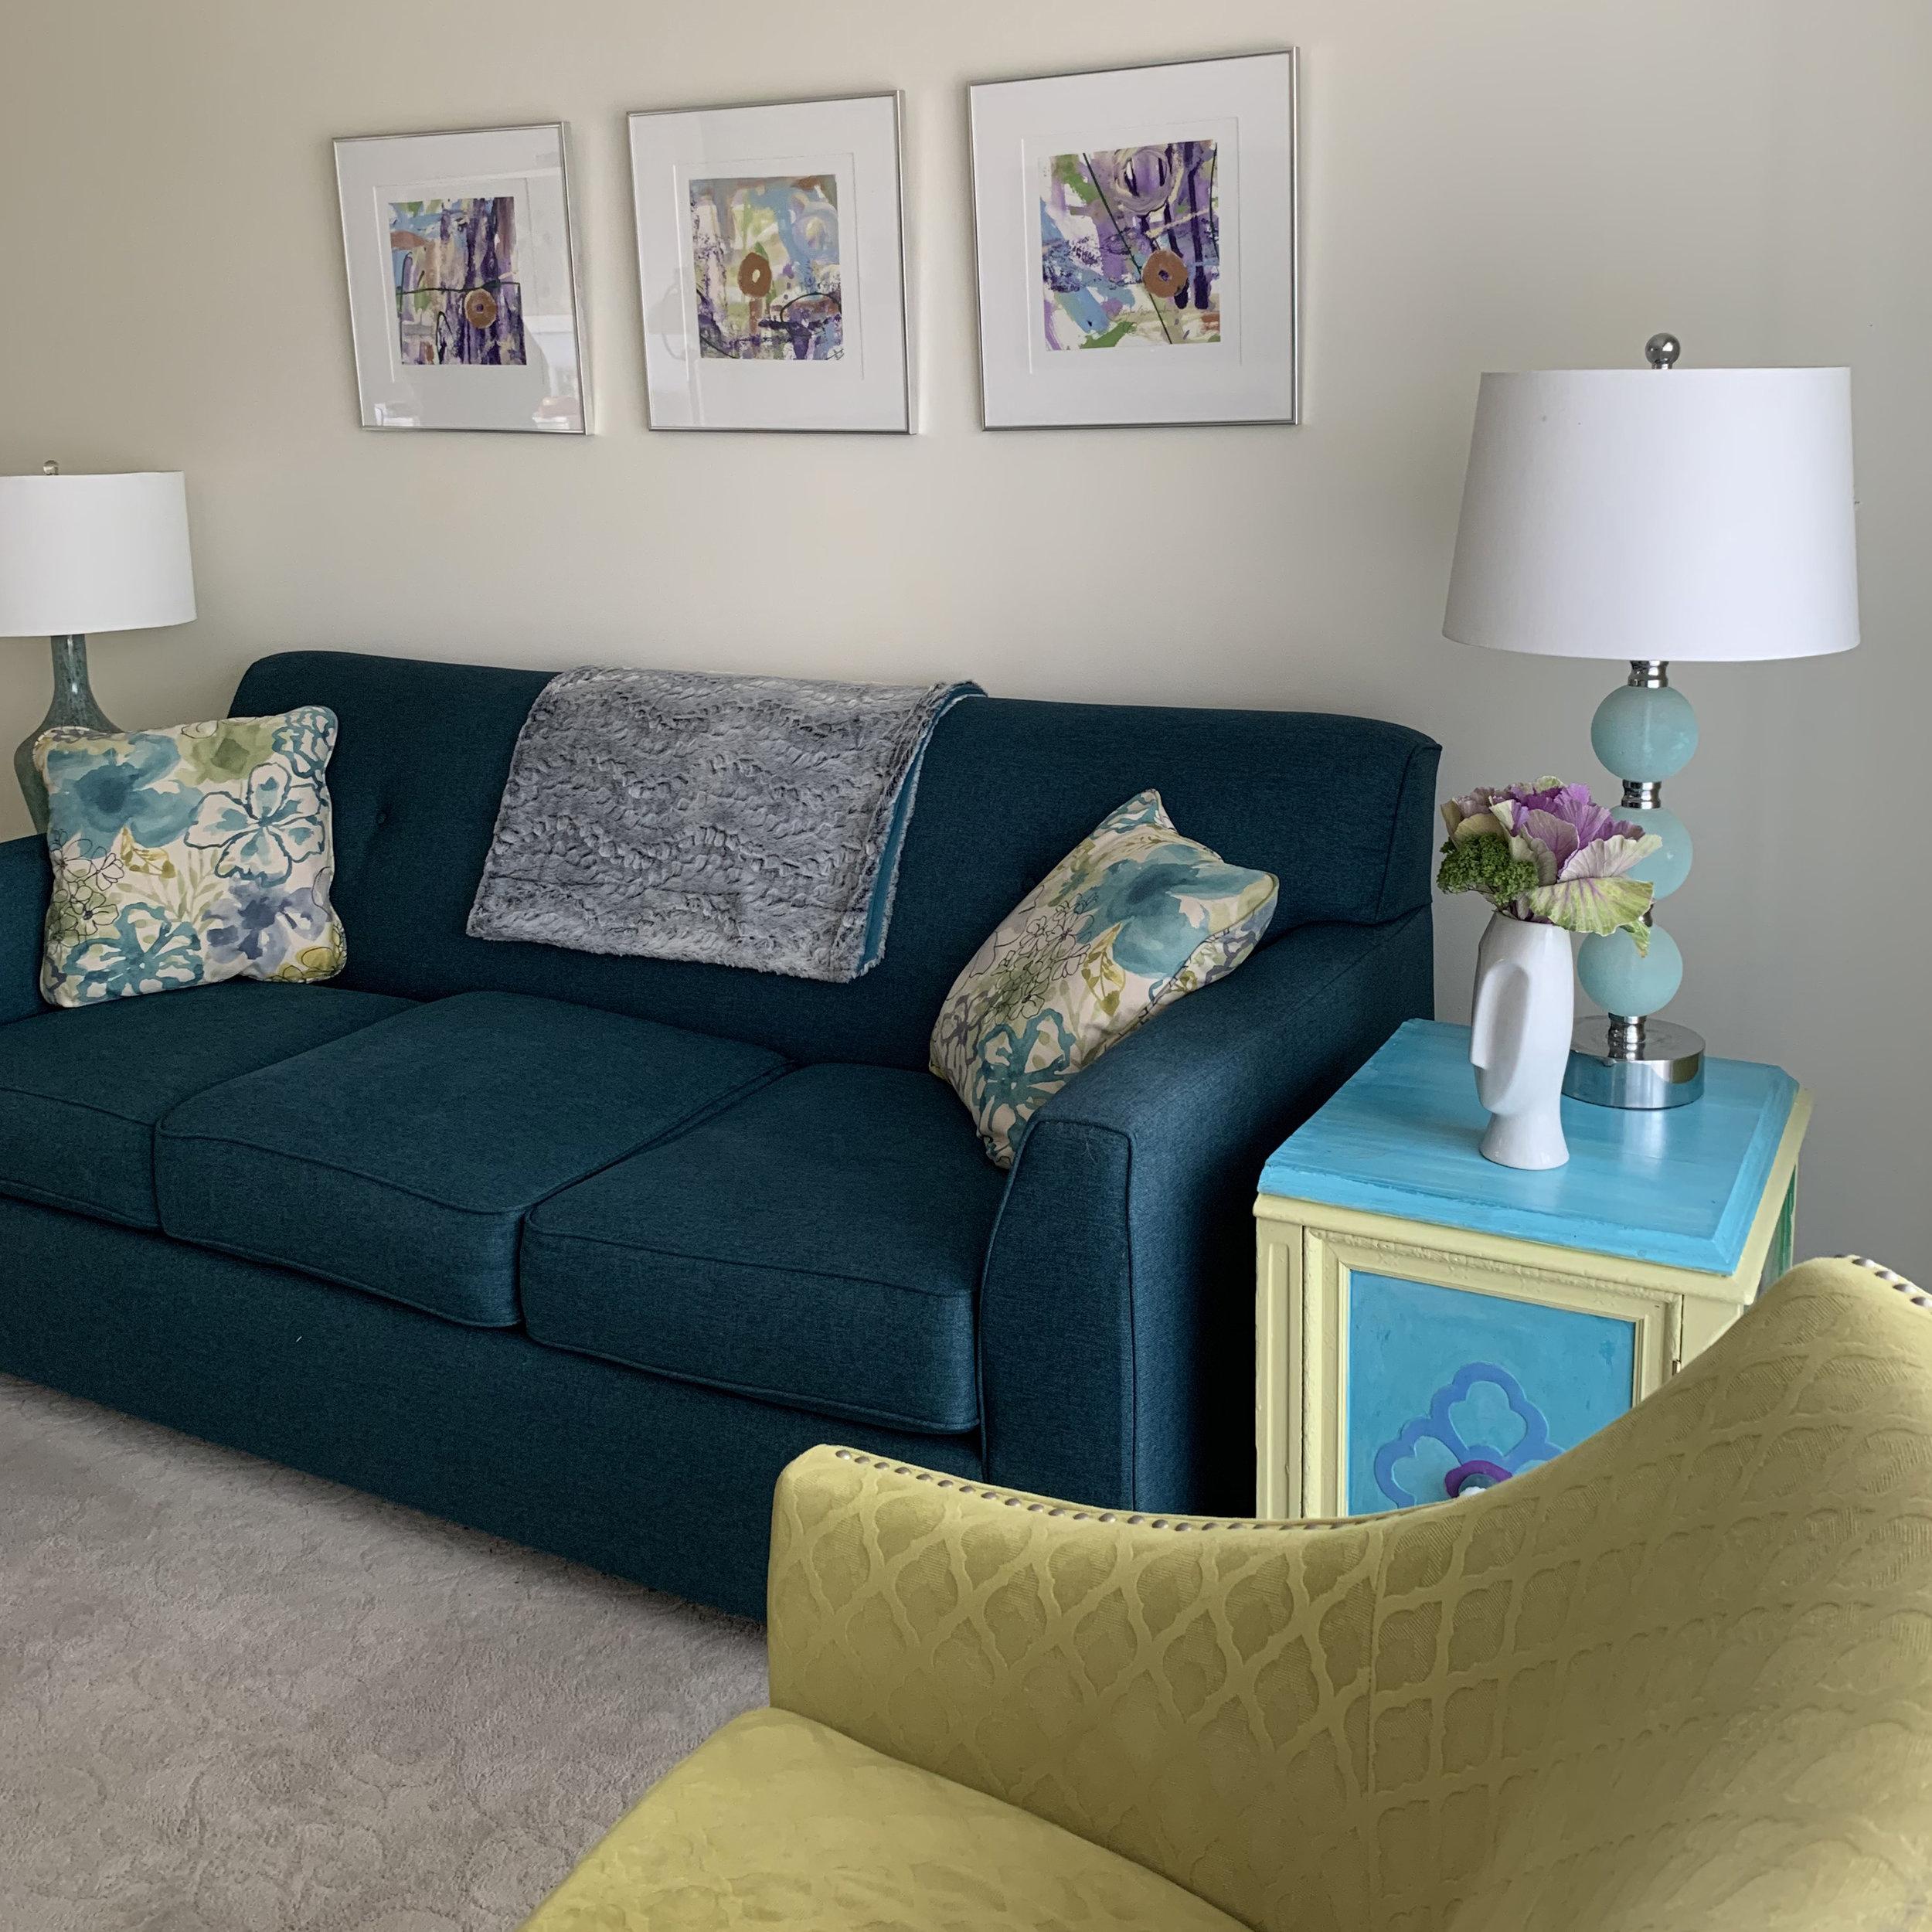 Eclectic Modern Living Room4.jpg